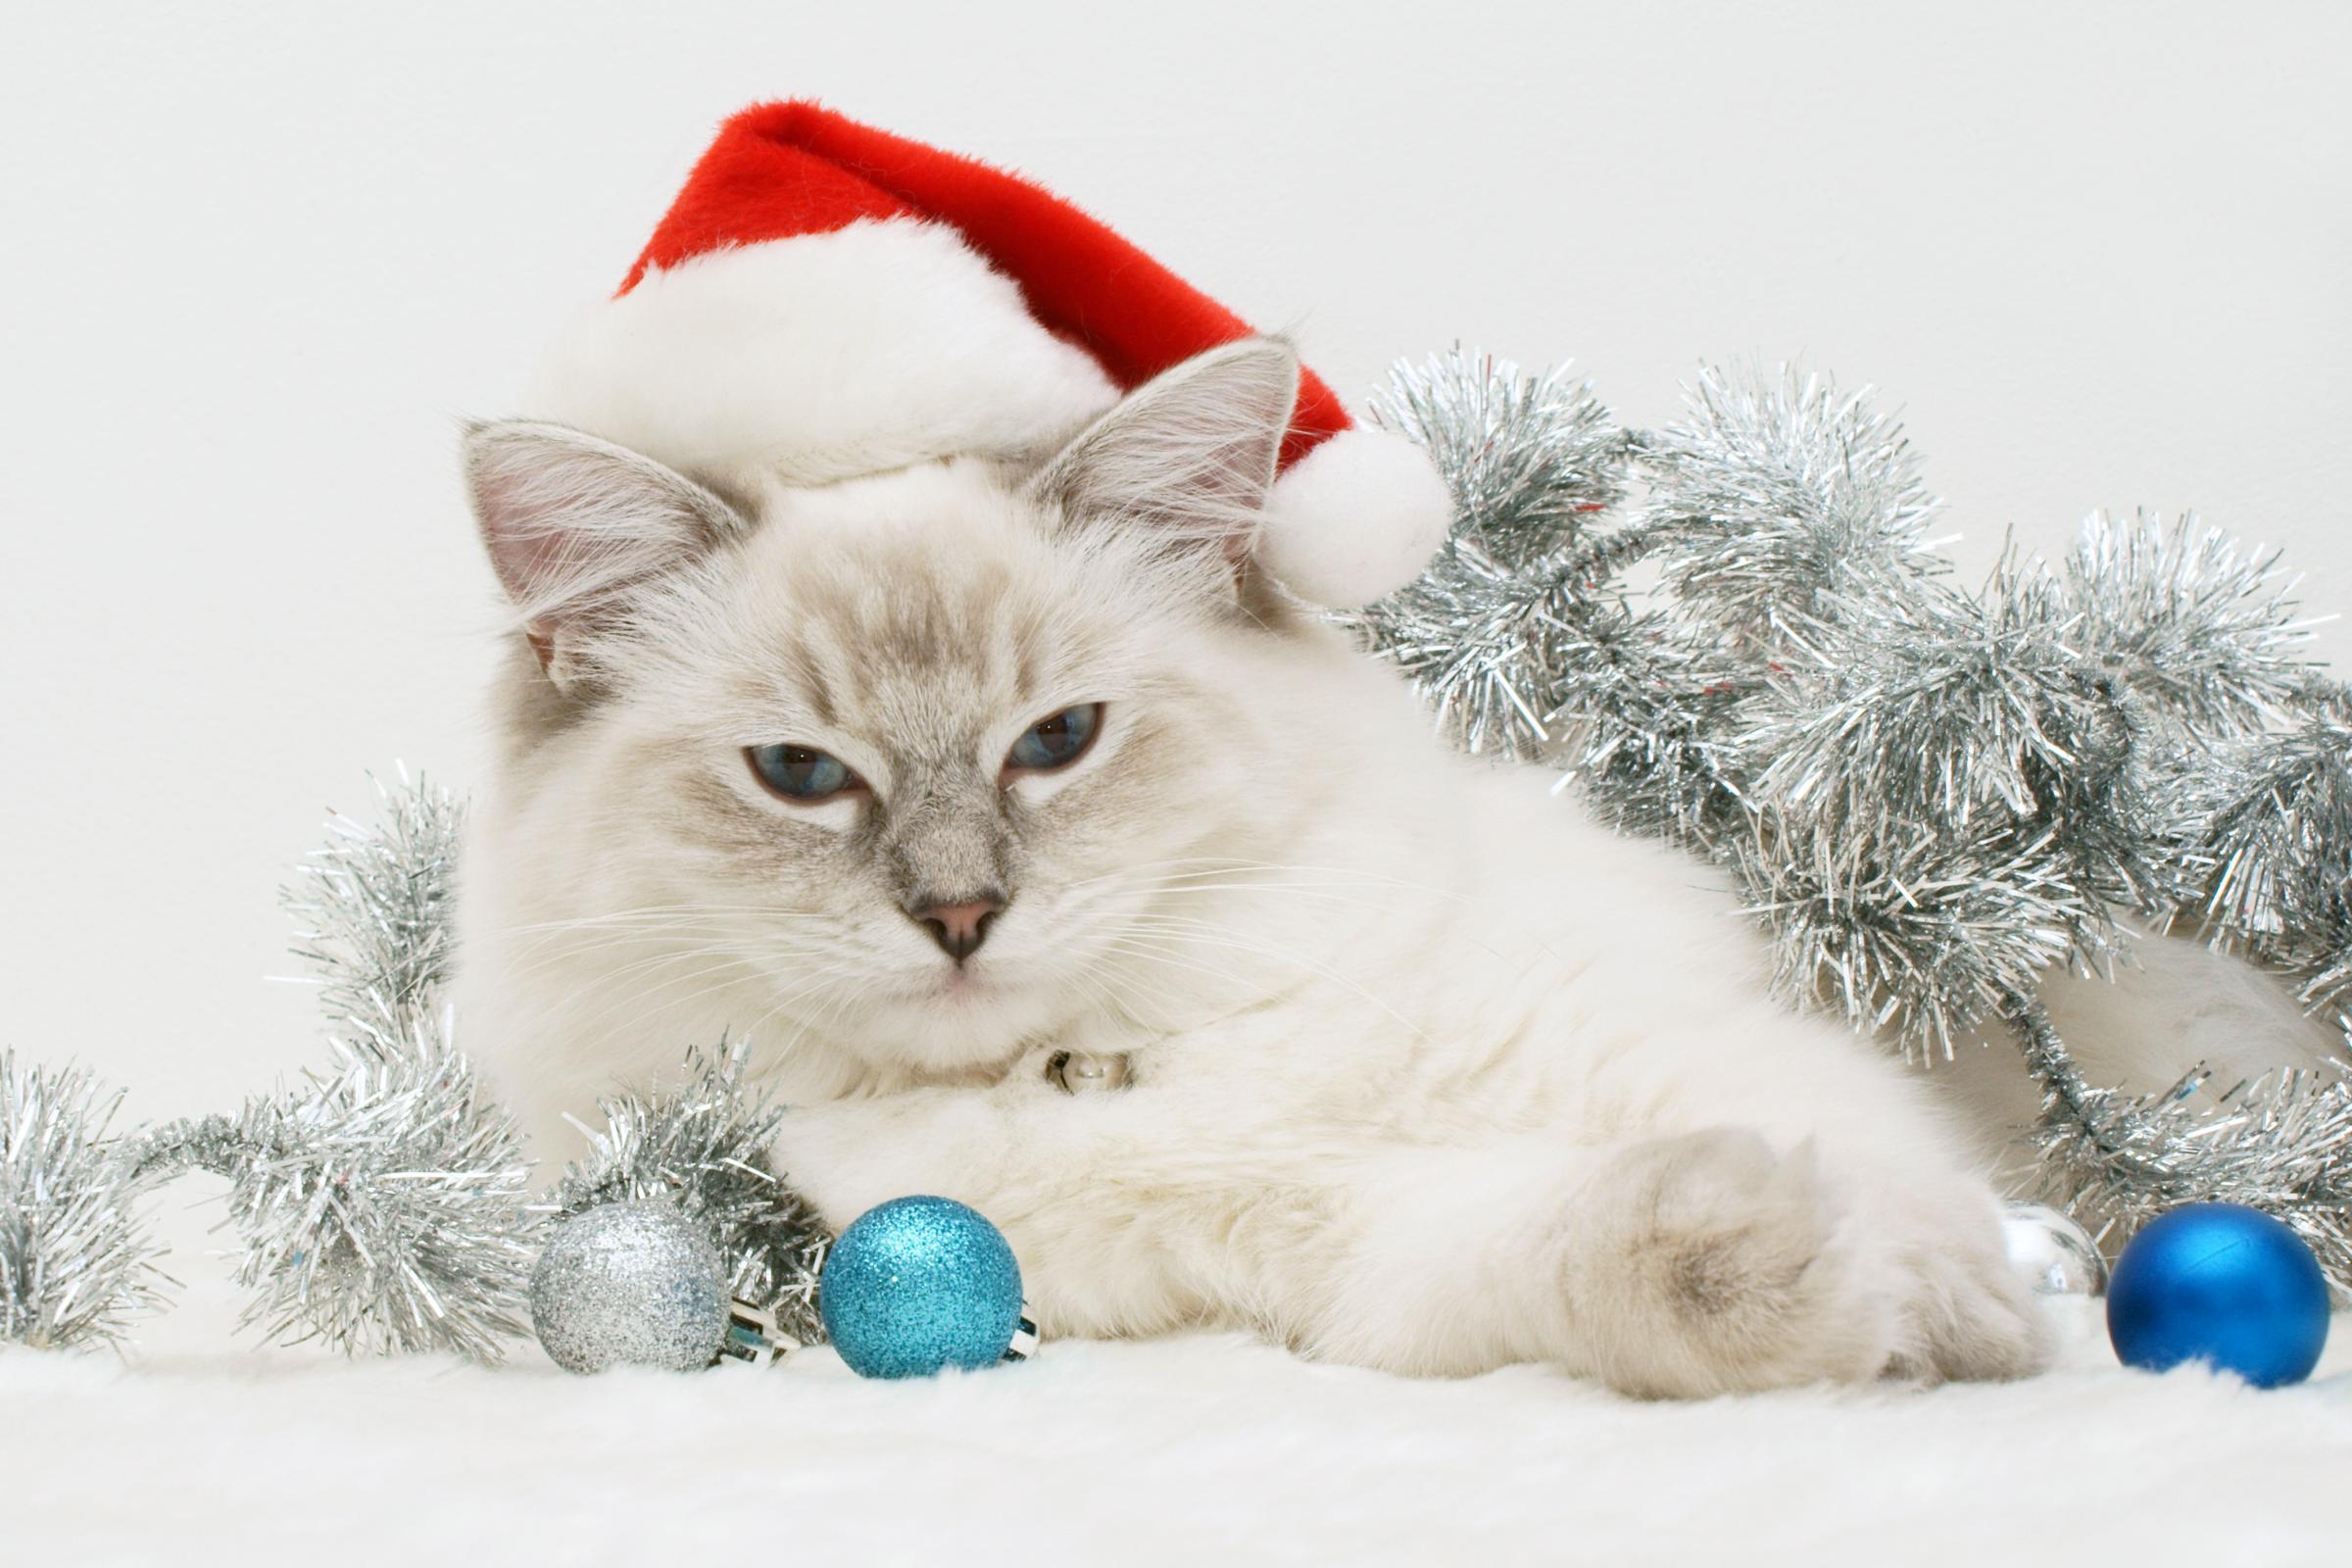 14088 скачать обои Праздники, Животные, Кошки (Коты, Котики), Новый Год (New Year), Рождество (Christmas, Xmas) - заставки и картинки бесплатно